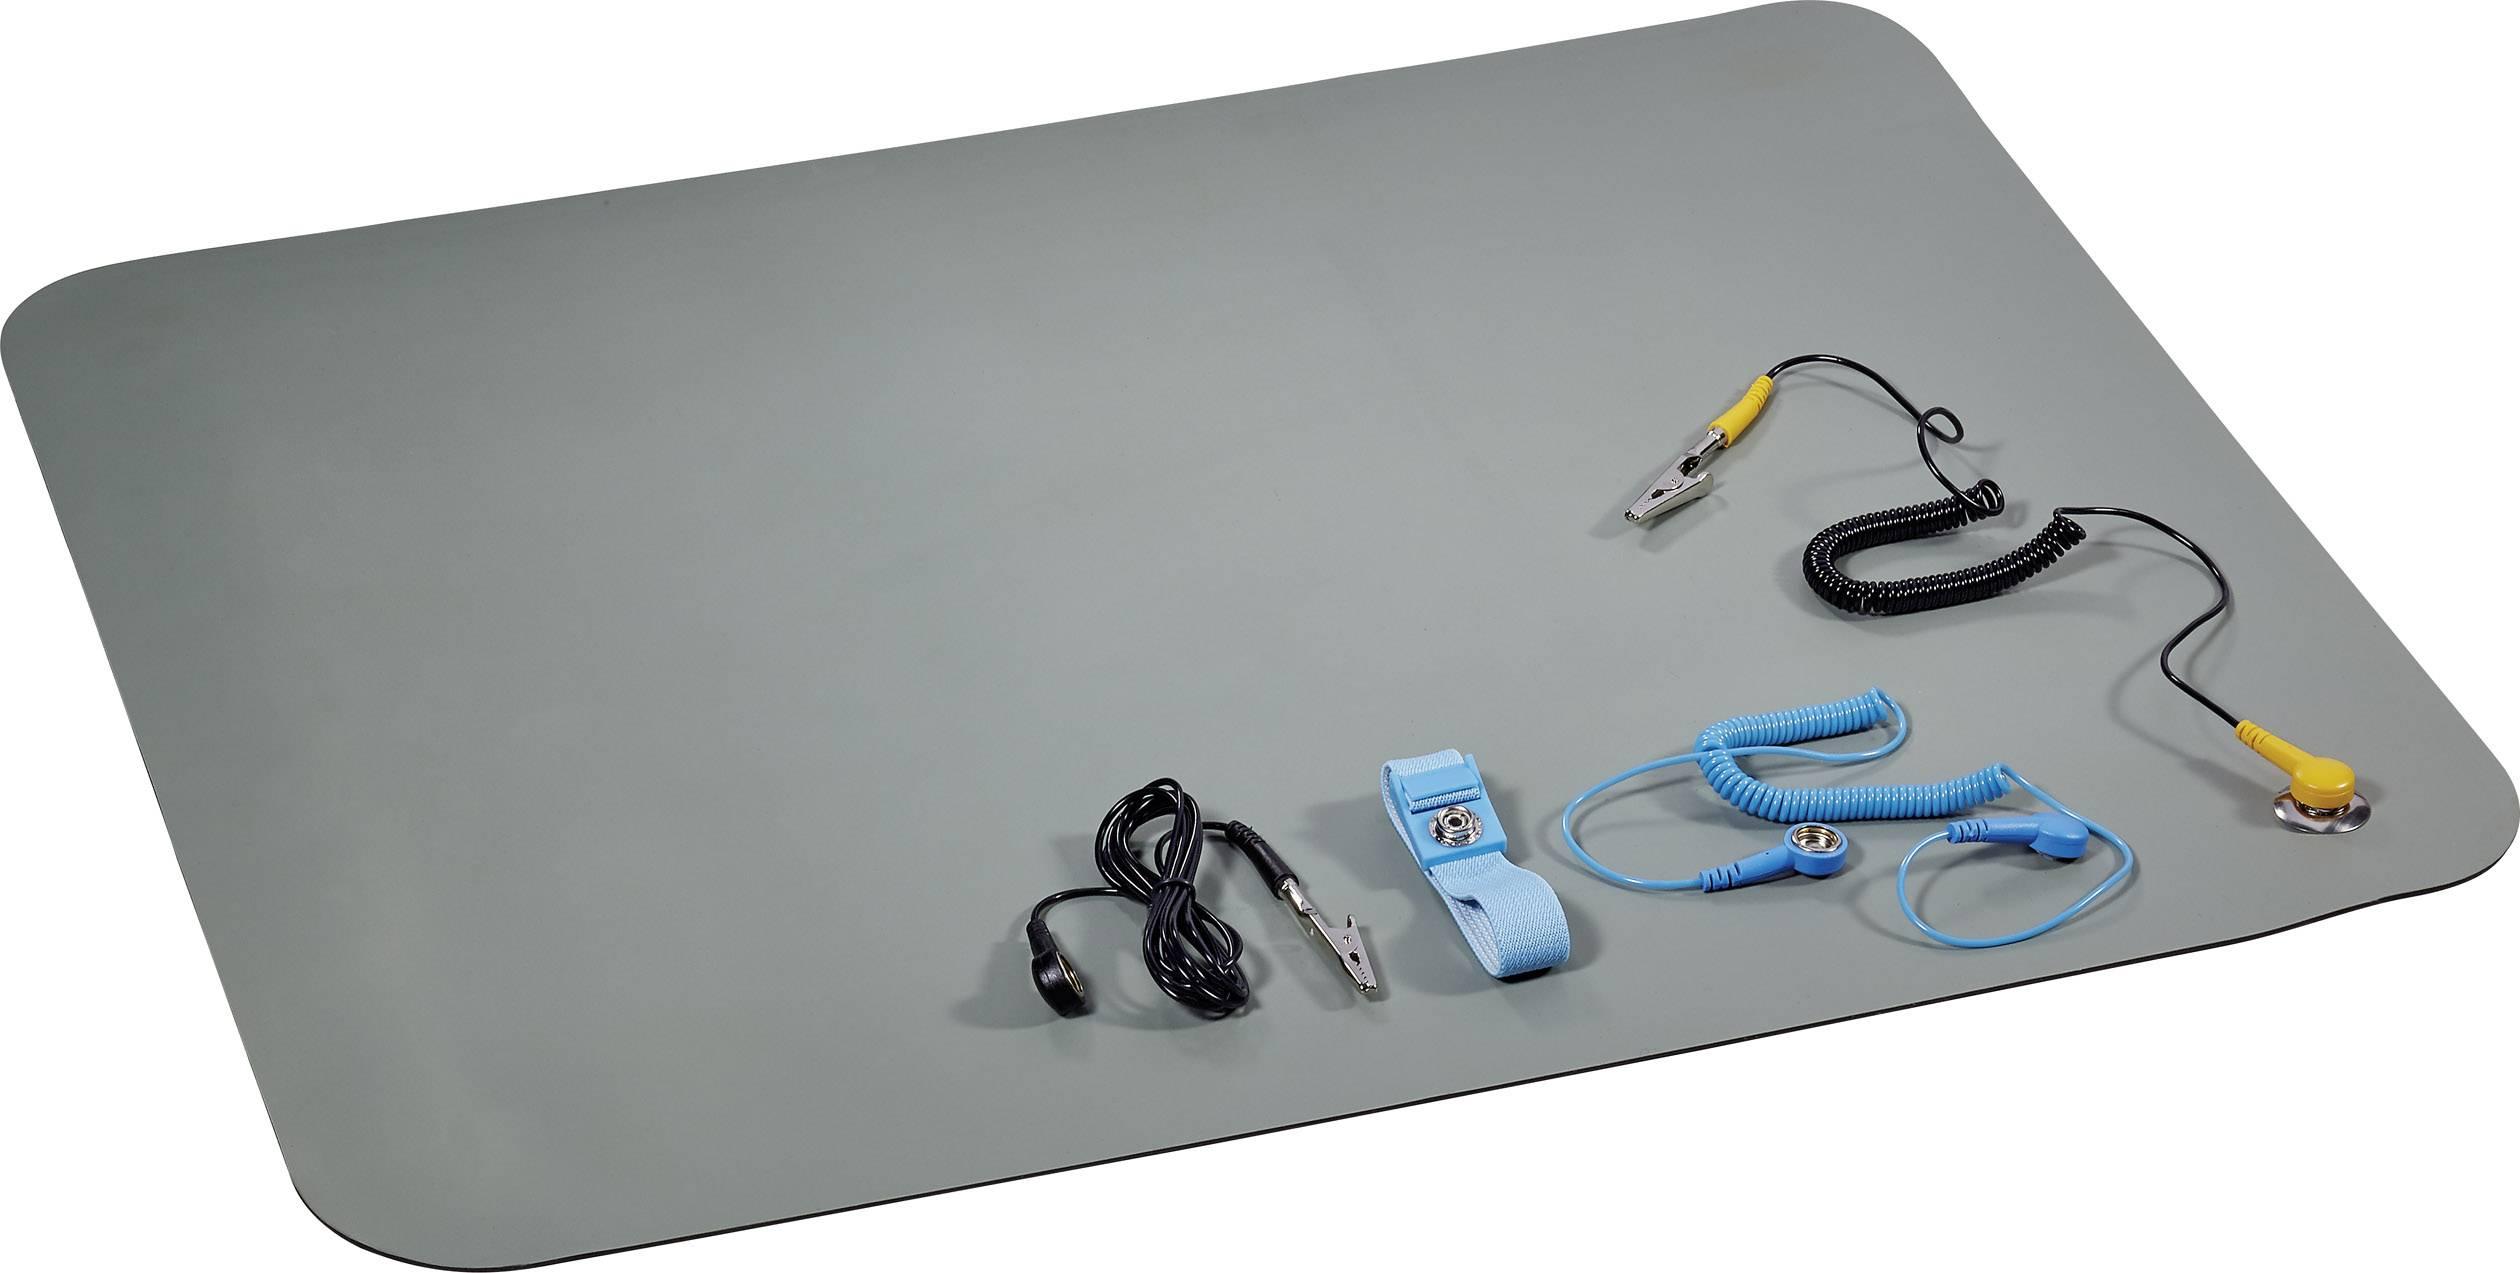 Sada ESD podložek na stůl, ESDM-500BG, (D x Š) 59 cm x 50 cm, šedá/černá